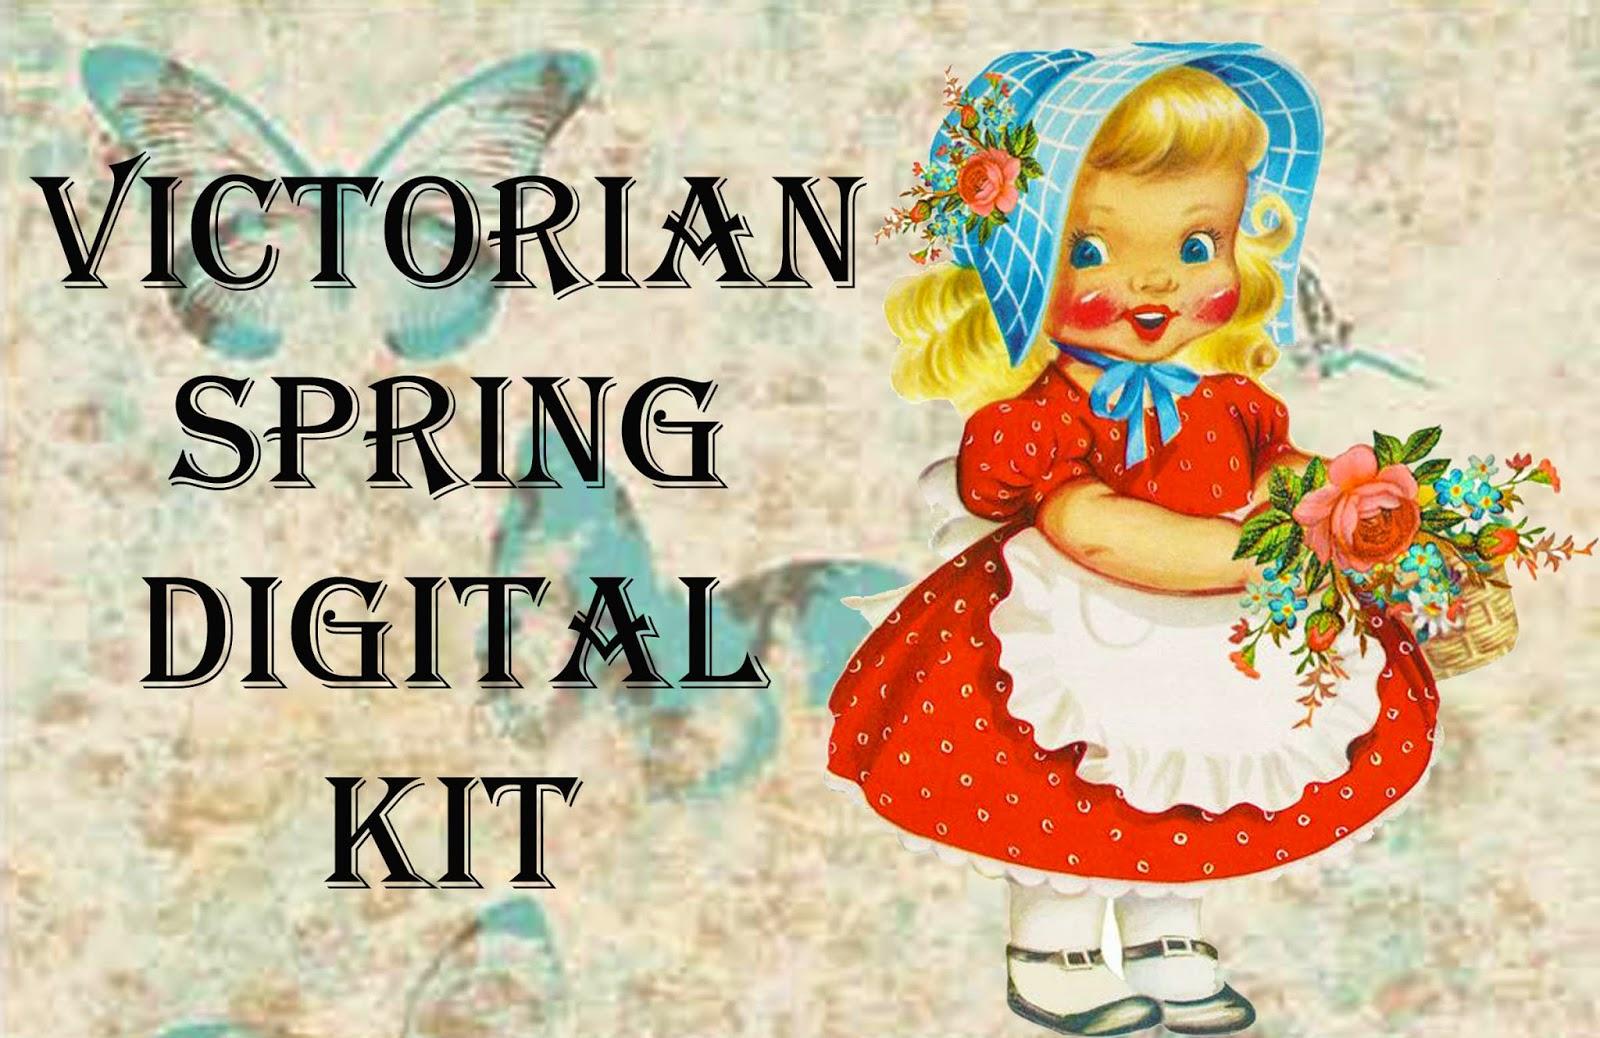 http://1.bp.blogspot.com/-qO2sKvmdlDs/VJ7mFRCGw3I/AAAAAAAAFVo/p5Nf8oQFU3I/s1600/victorian+spring+cvr.jpg